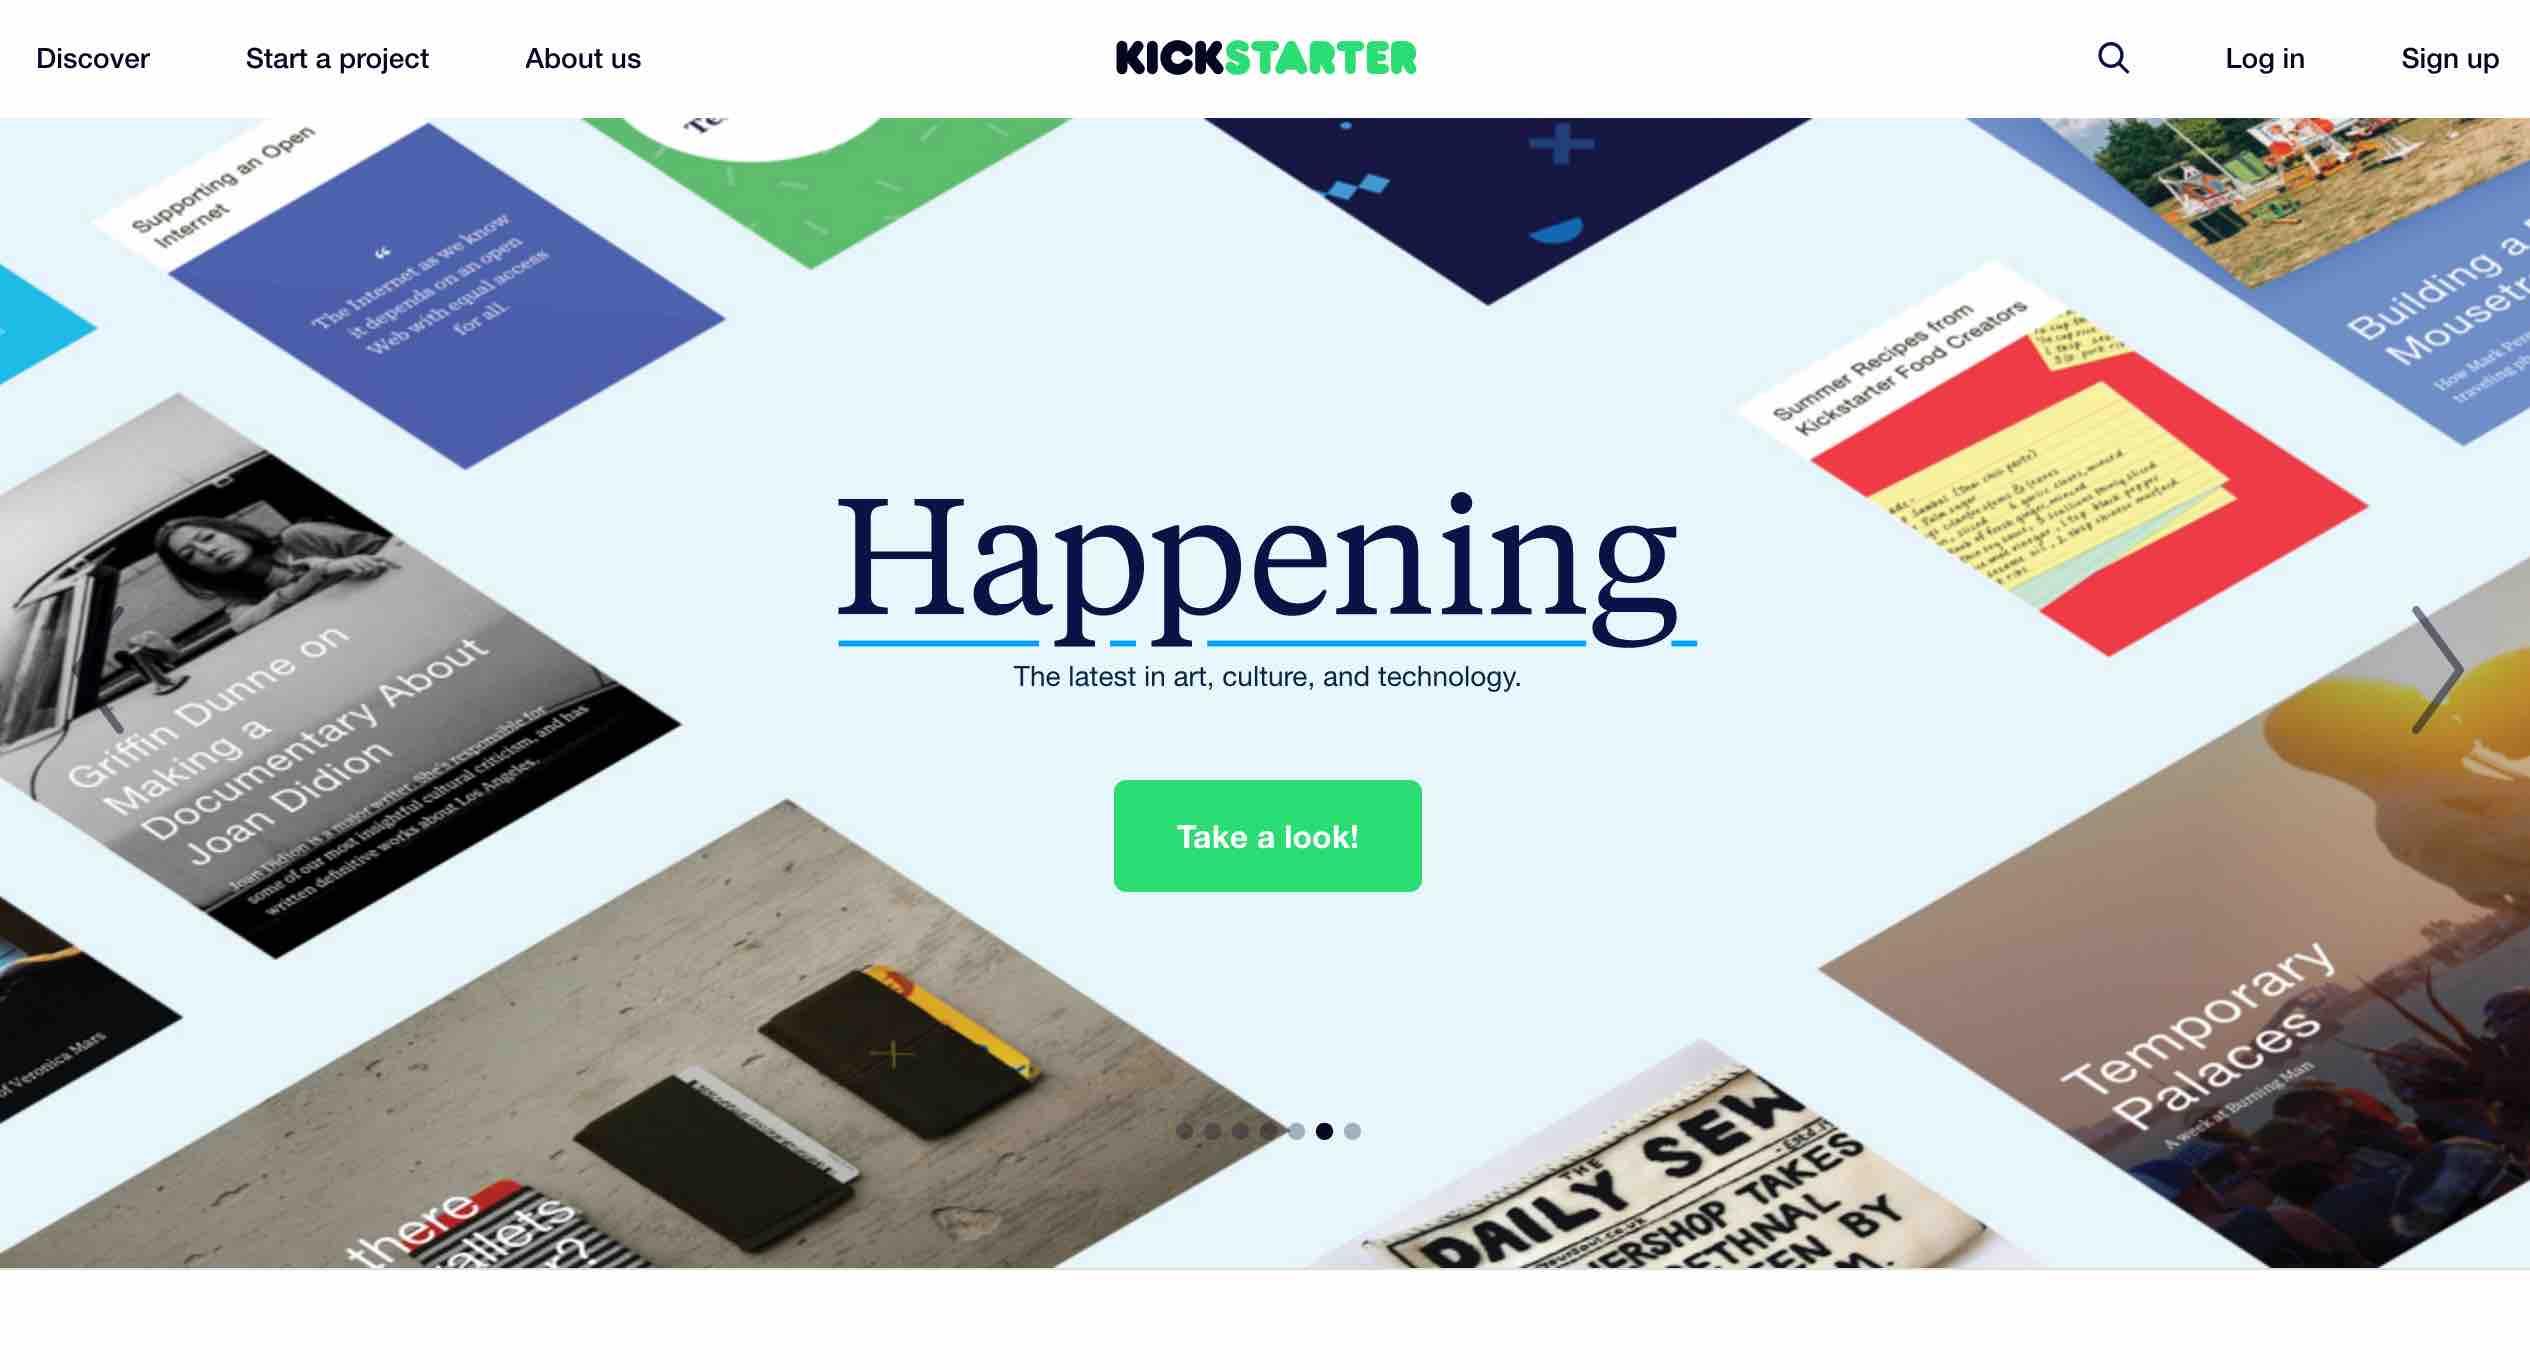 kickstarter_top